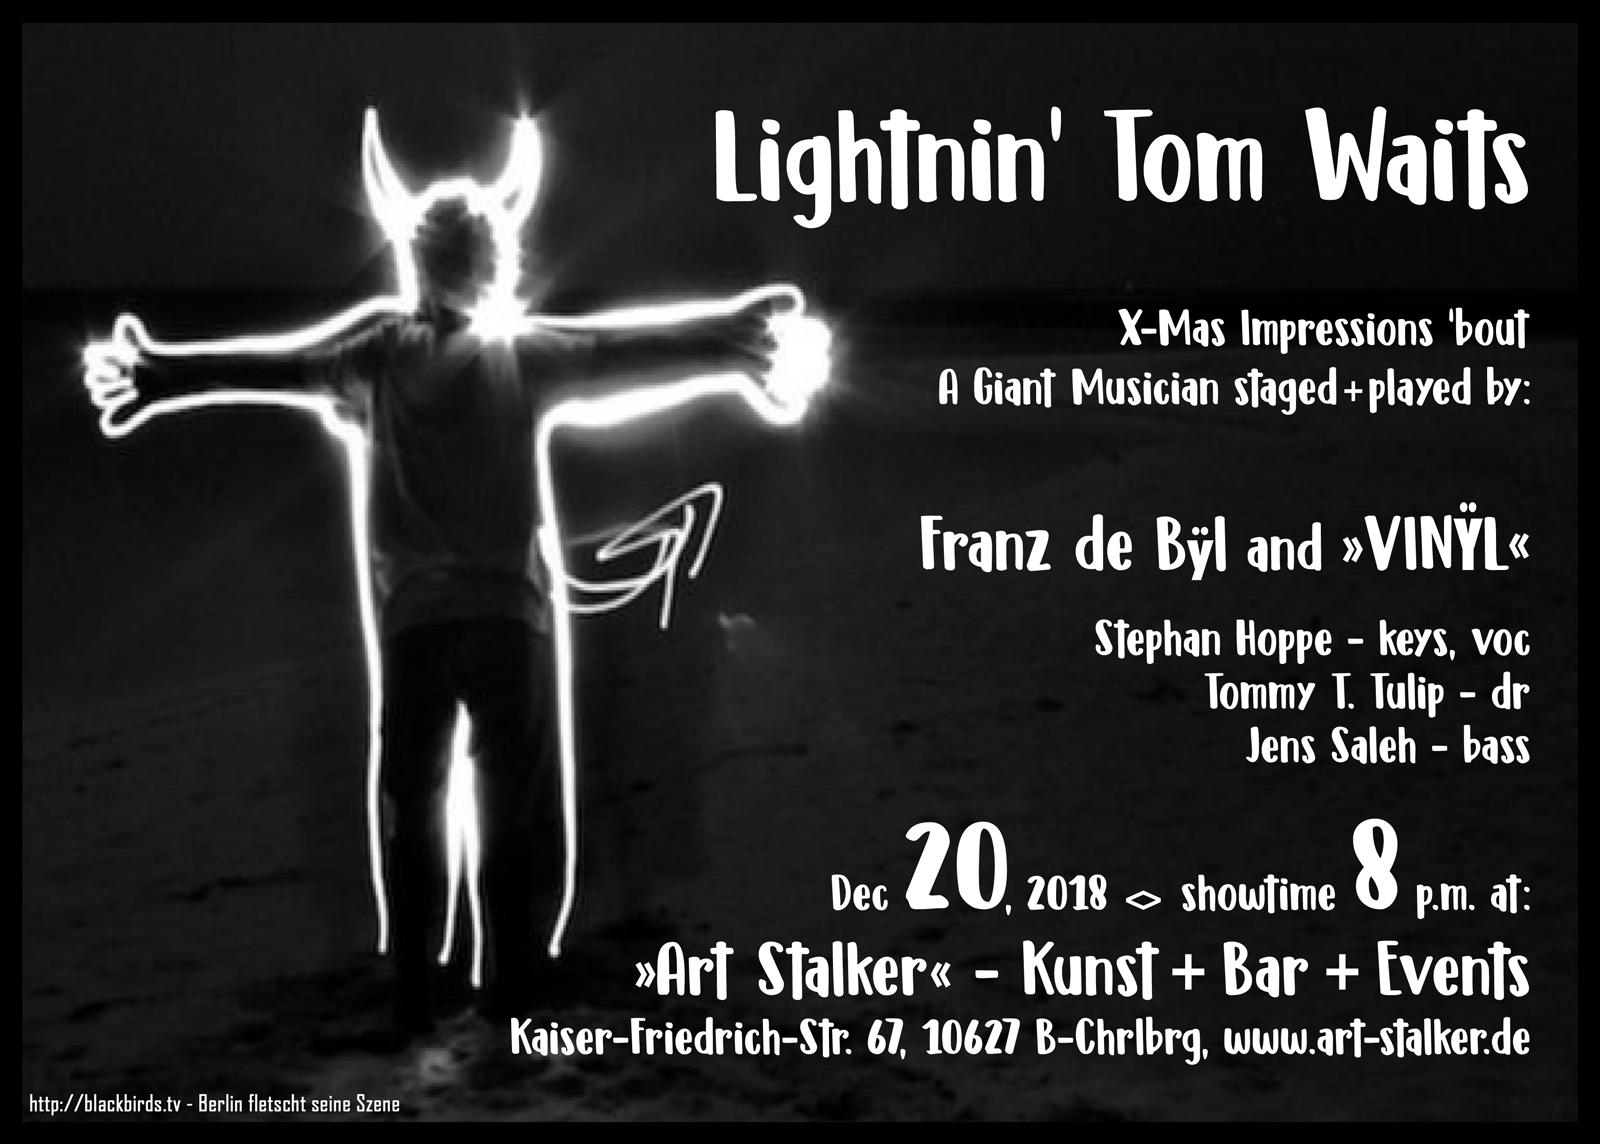 Lightnin' Tom Waits - Franz de Bÿl & Vinÿl 20.12.2018 at Art Stalkers, Berlin